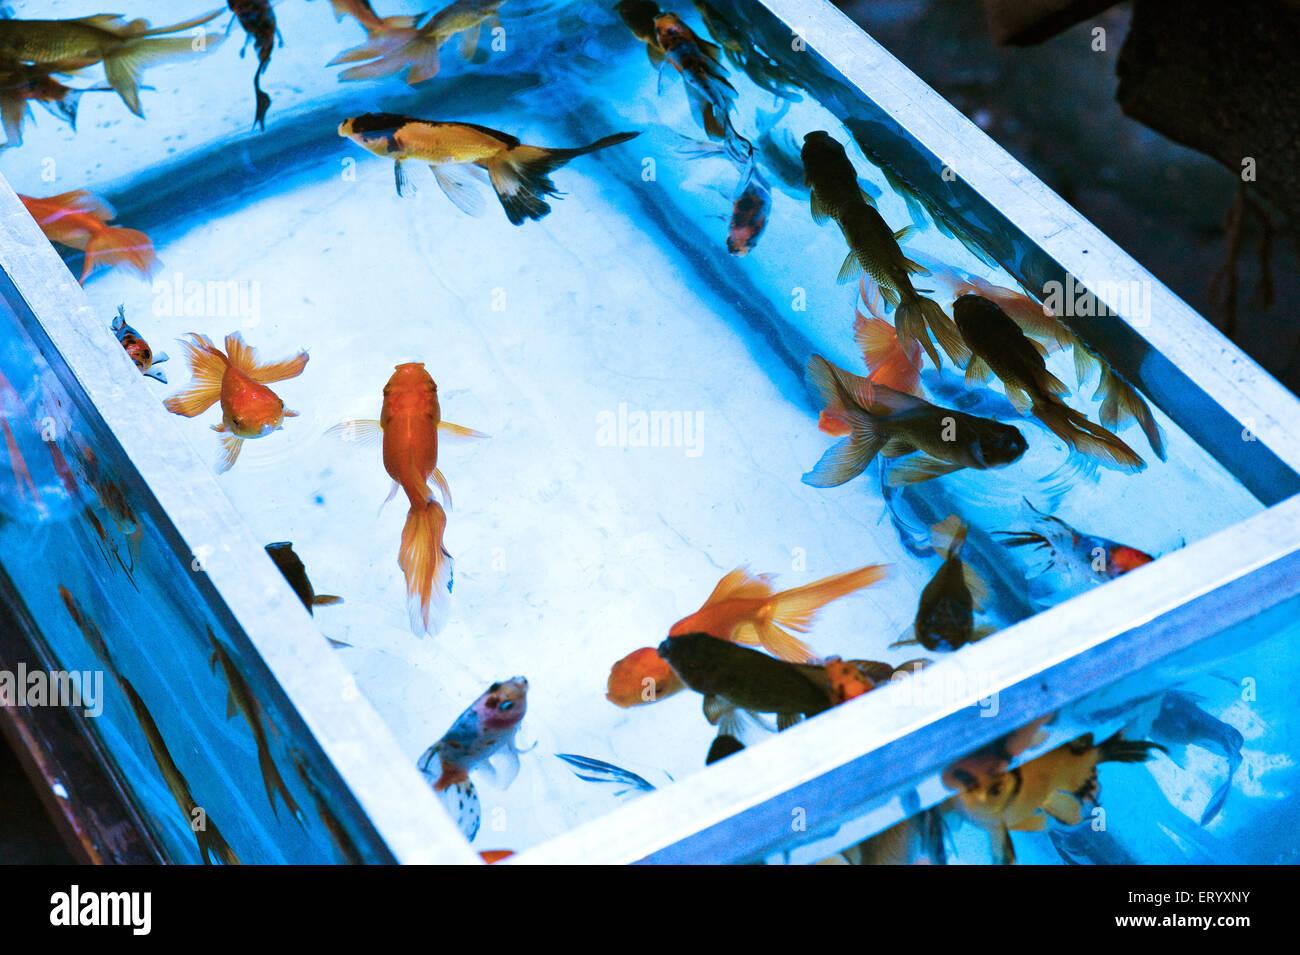 Bengal Fish Stock Photos & Bengal Fish Stock Images - Alamy